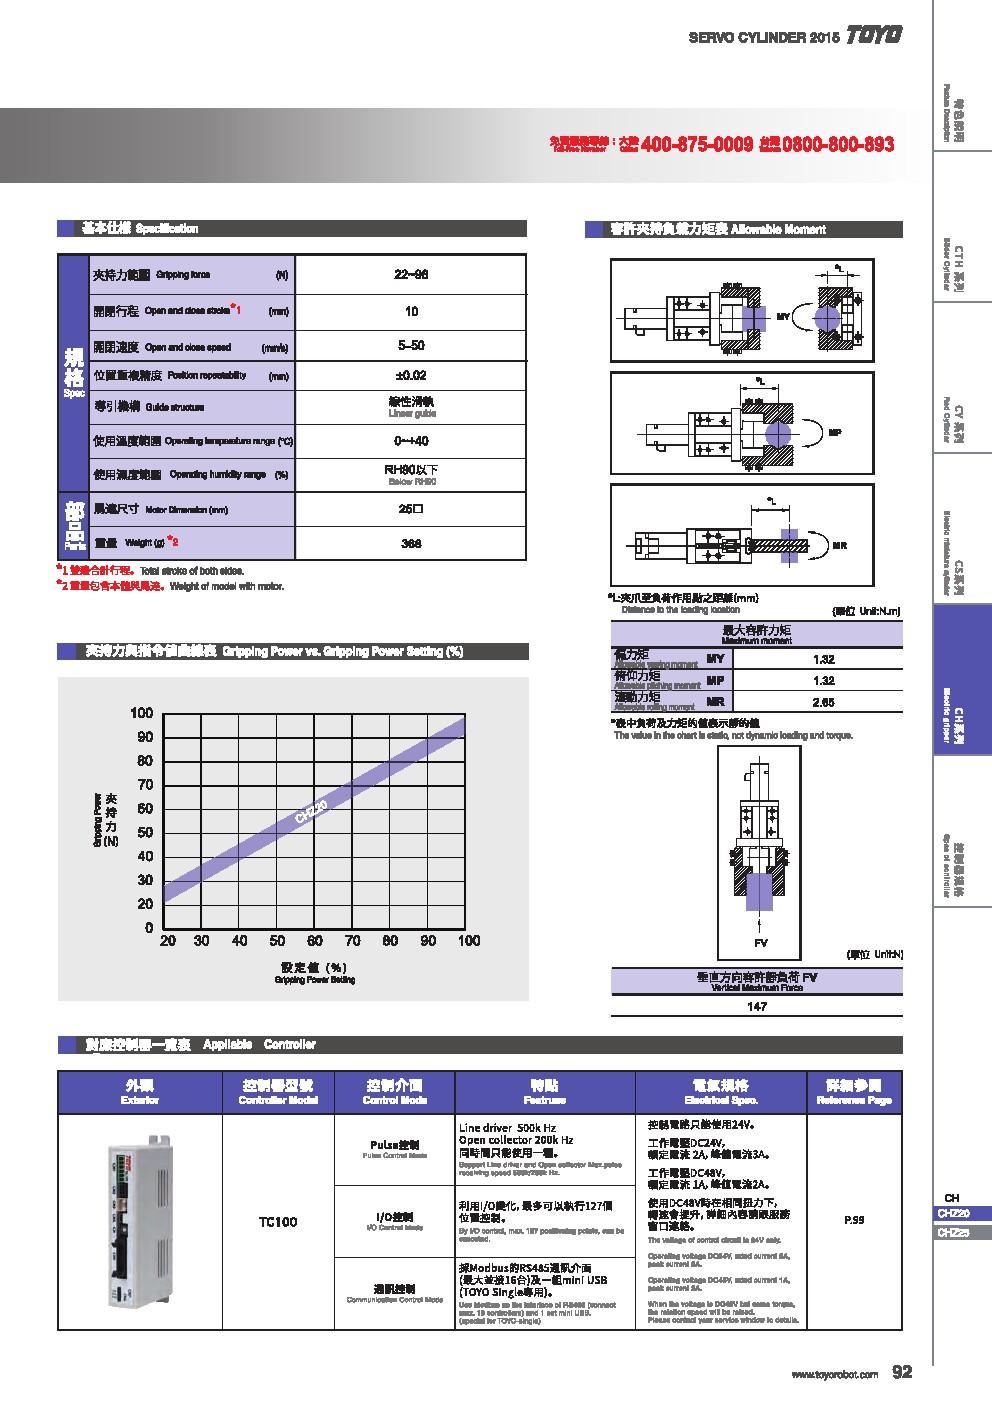 TOYO滑台|东佑达|单轴手臂|电动夹爪|电动推杆|官网